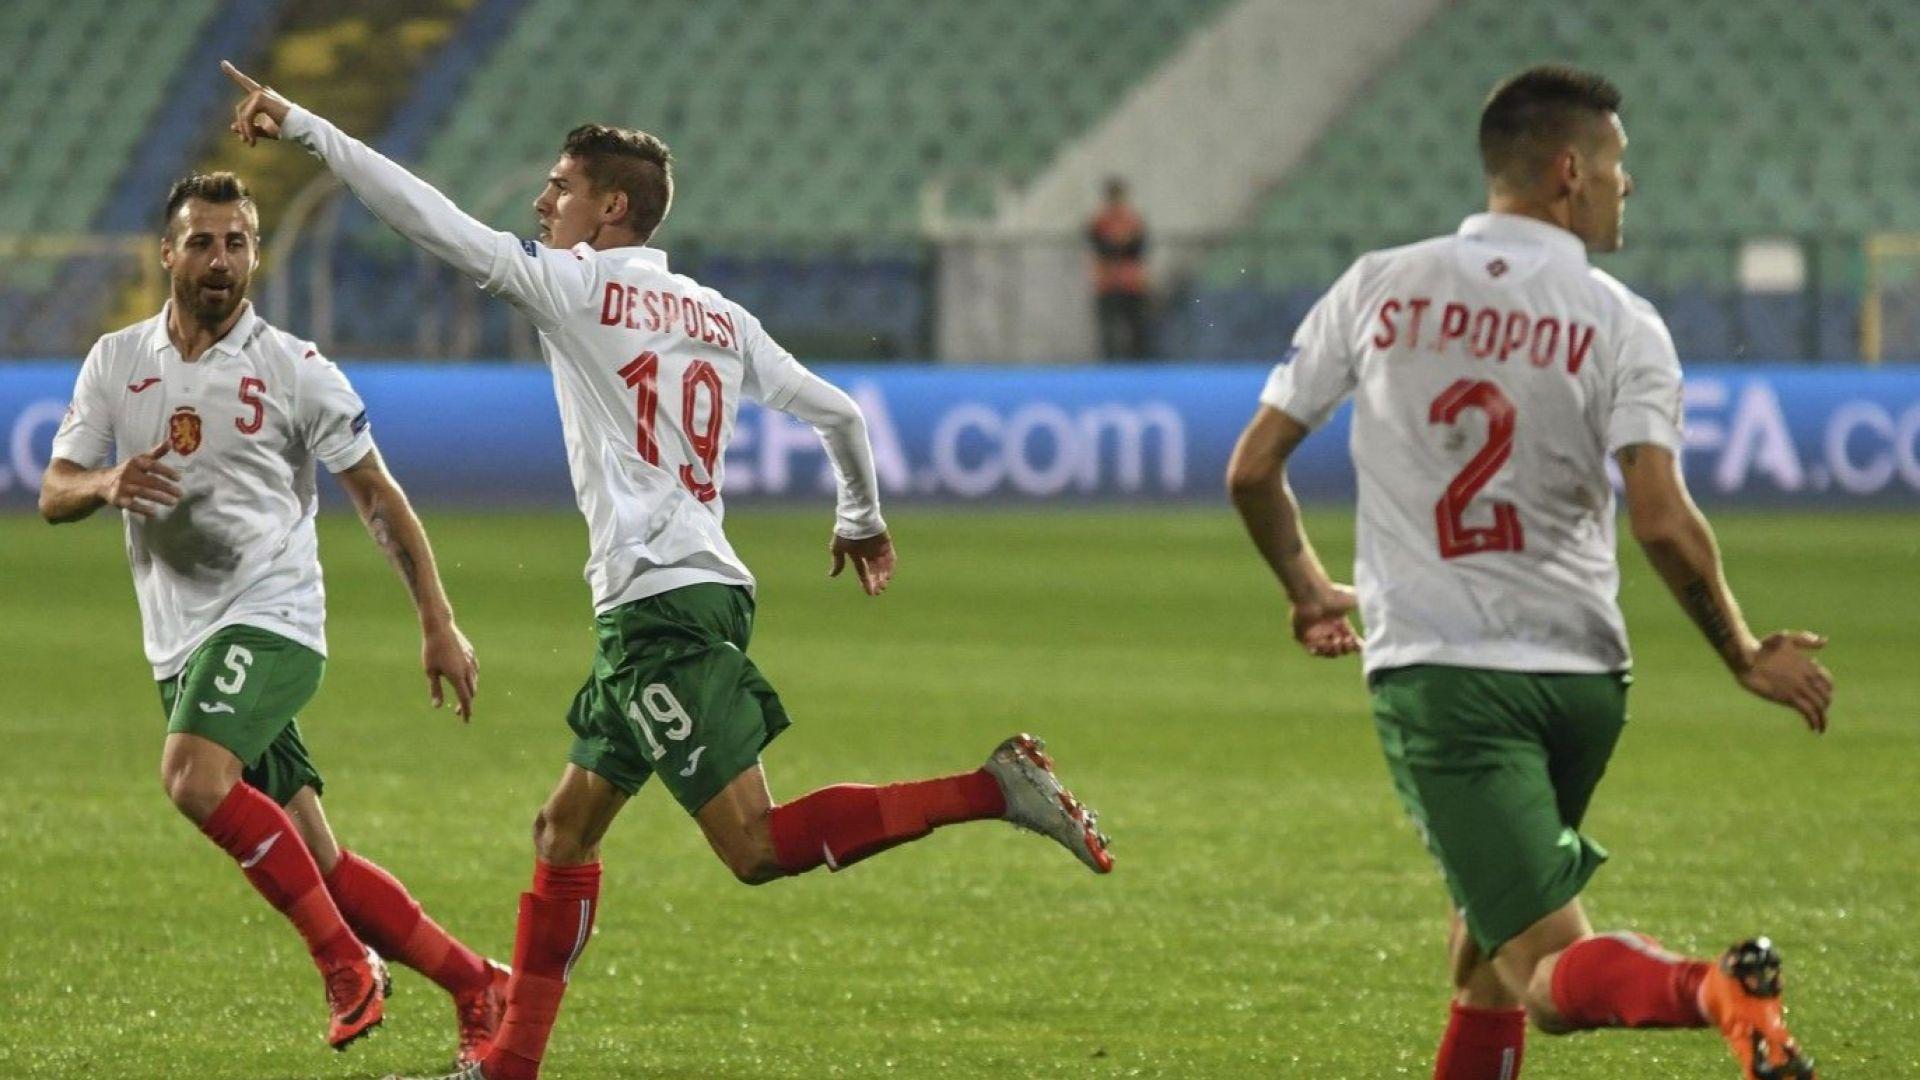 Билети по 10 и 15 лева за приятелския мач с Беларус